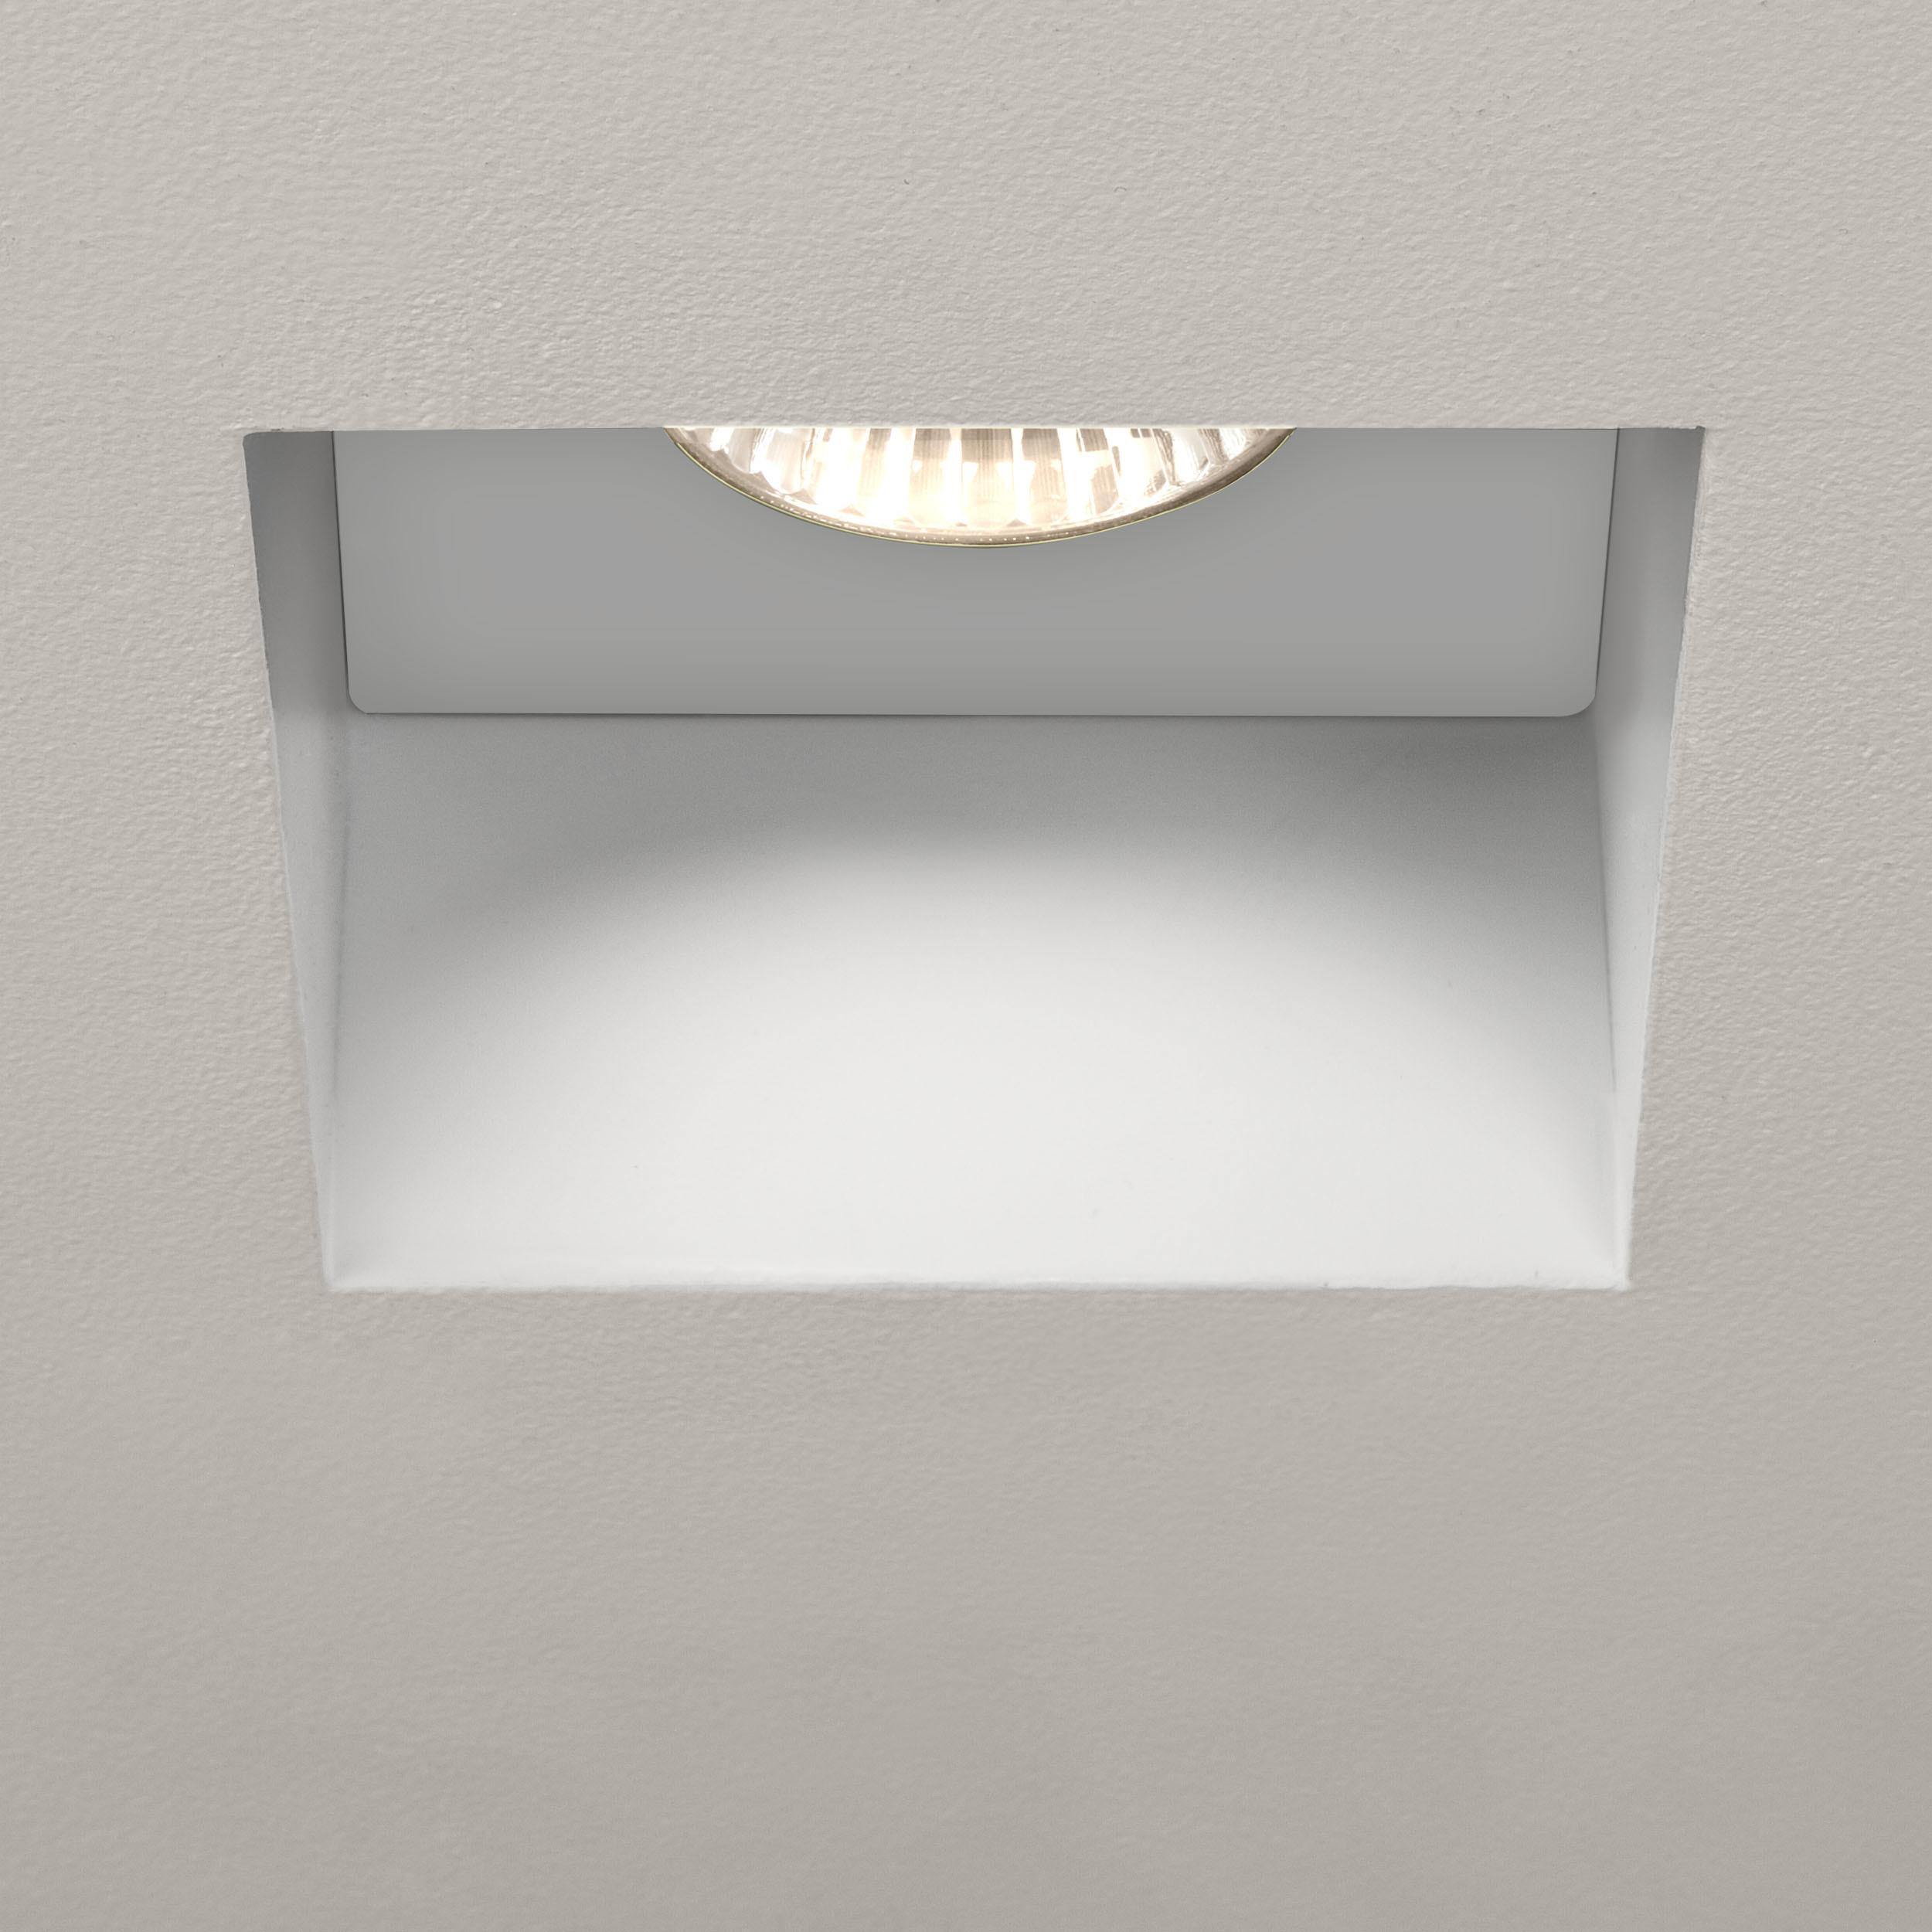 Встраиваемый светильник Astro Trimless 1248005 (5670), IP65, 1xGU10x6W, белый, металл - фото 1